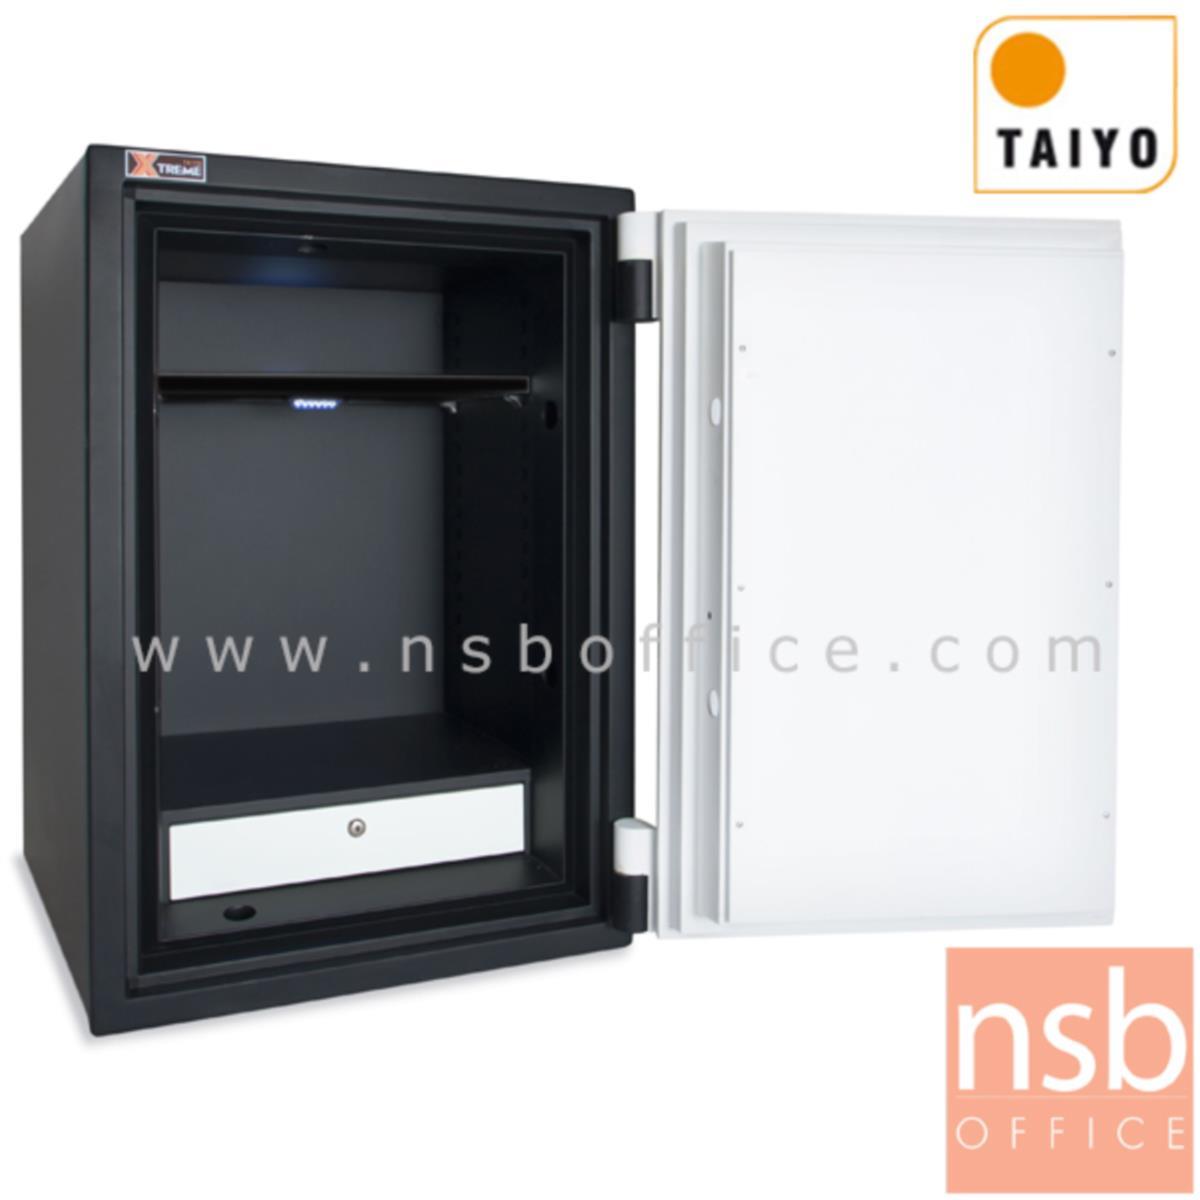 ตู้เซฟ Taiyo Xtreme รุ่นพิเศษ BS 685 K2C น้ำหนัก 400 กก. 2 กุญแจ 1 รหัส